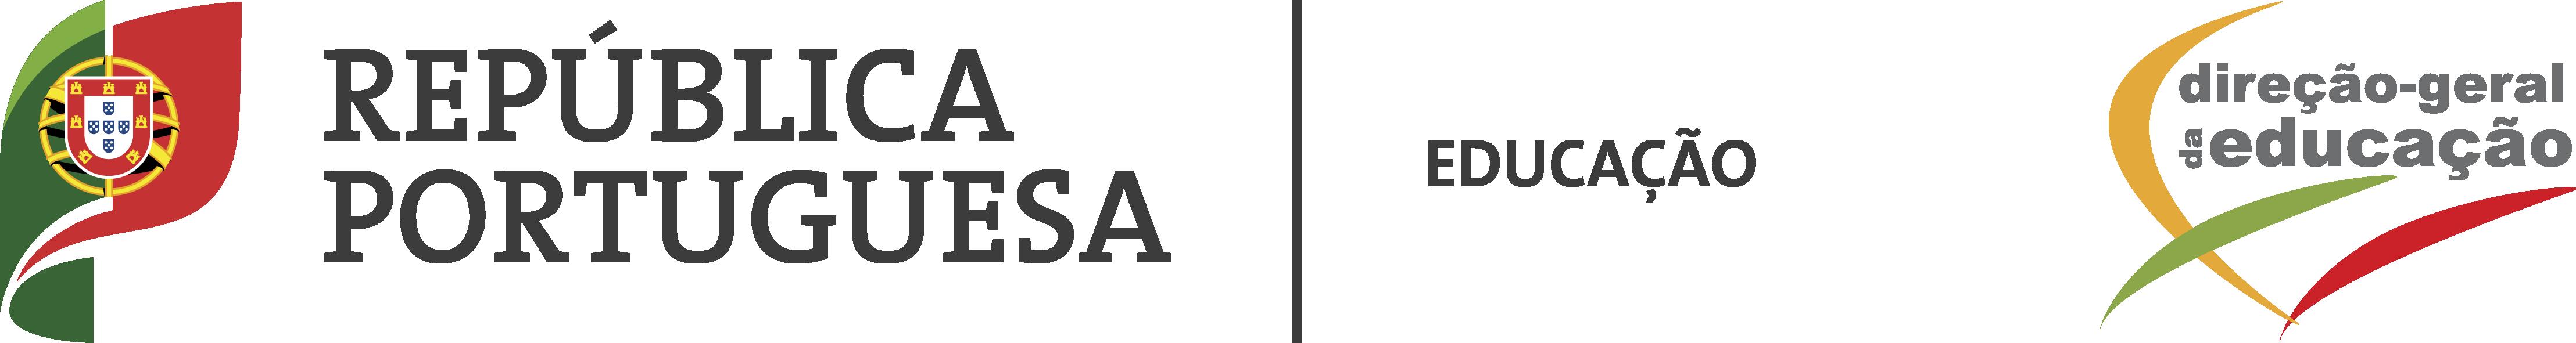 Logotipo Pedir informação sobre navegação na Internet - SeguraNet